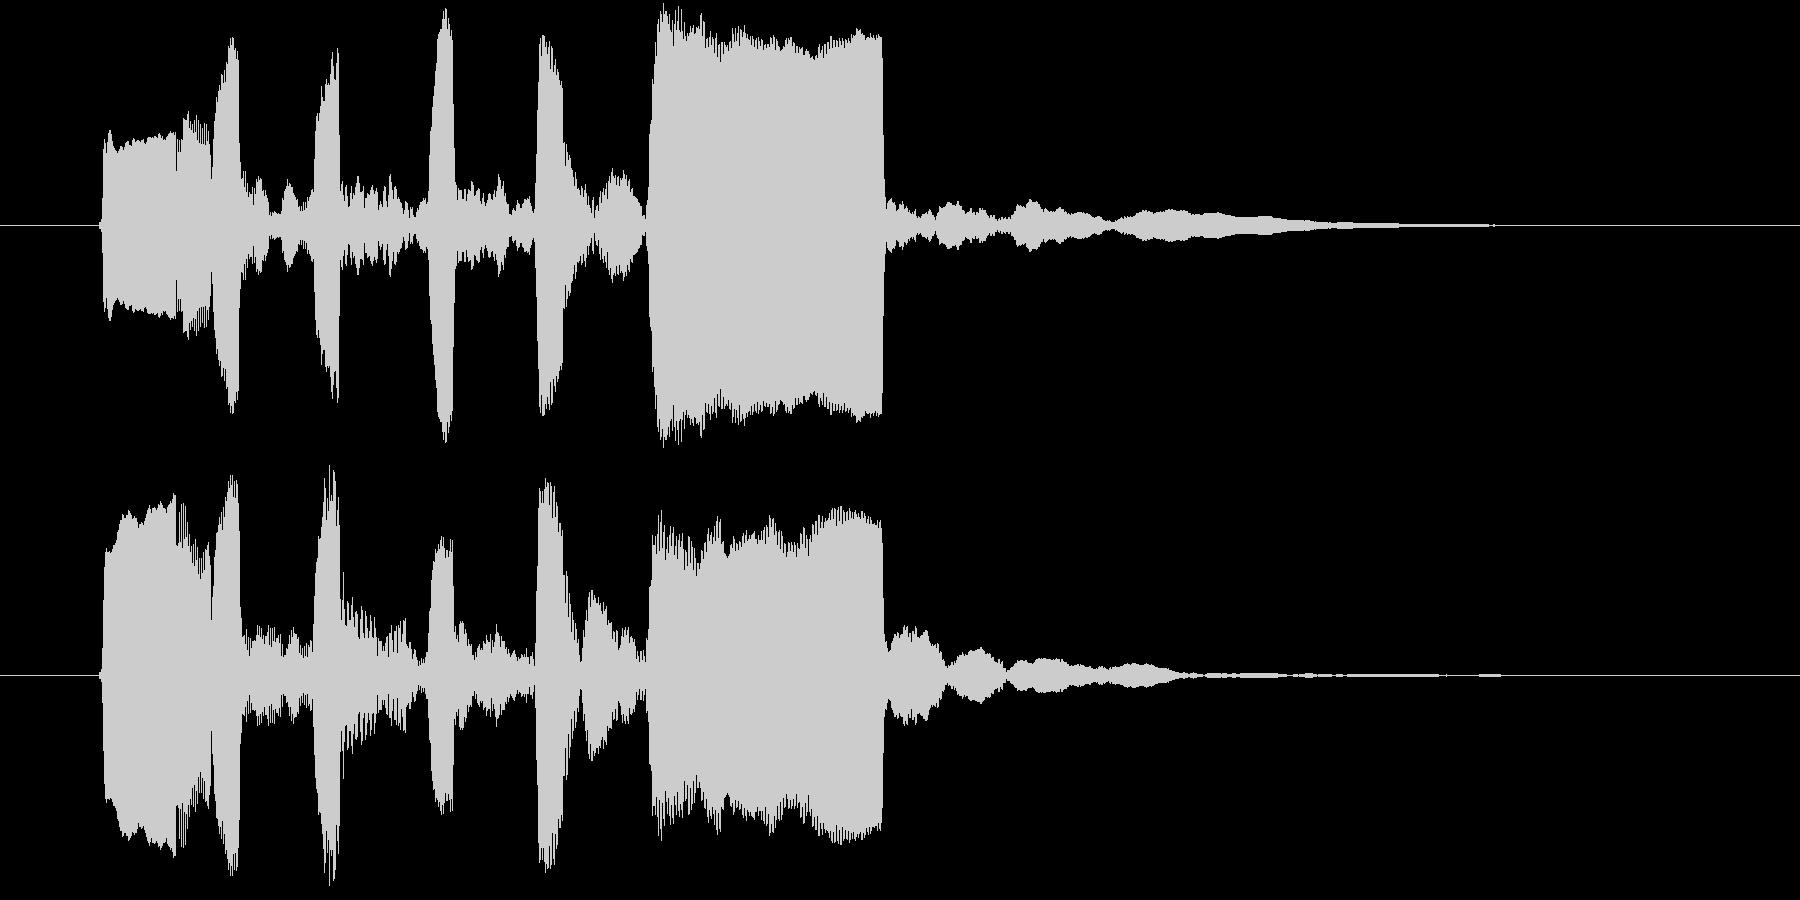 リコーダーのジングルの未再生の波形